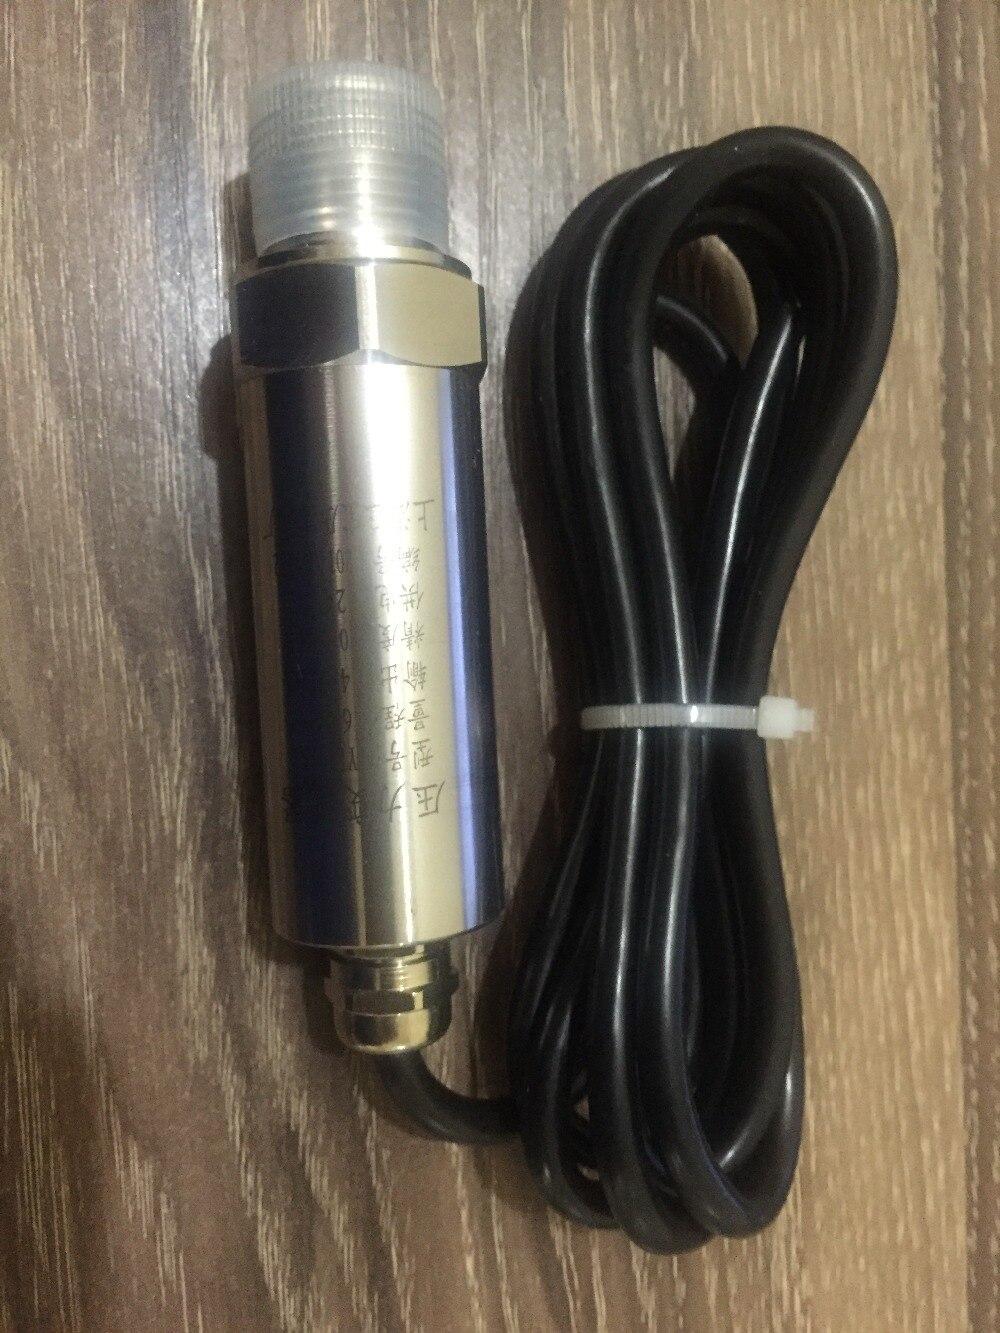 0-25Mpa impermeable Cable de línea recta transmisor de Sensor de presión de 4-20 mA M20 * 1,5